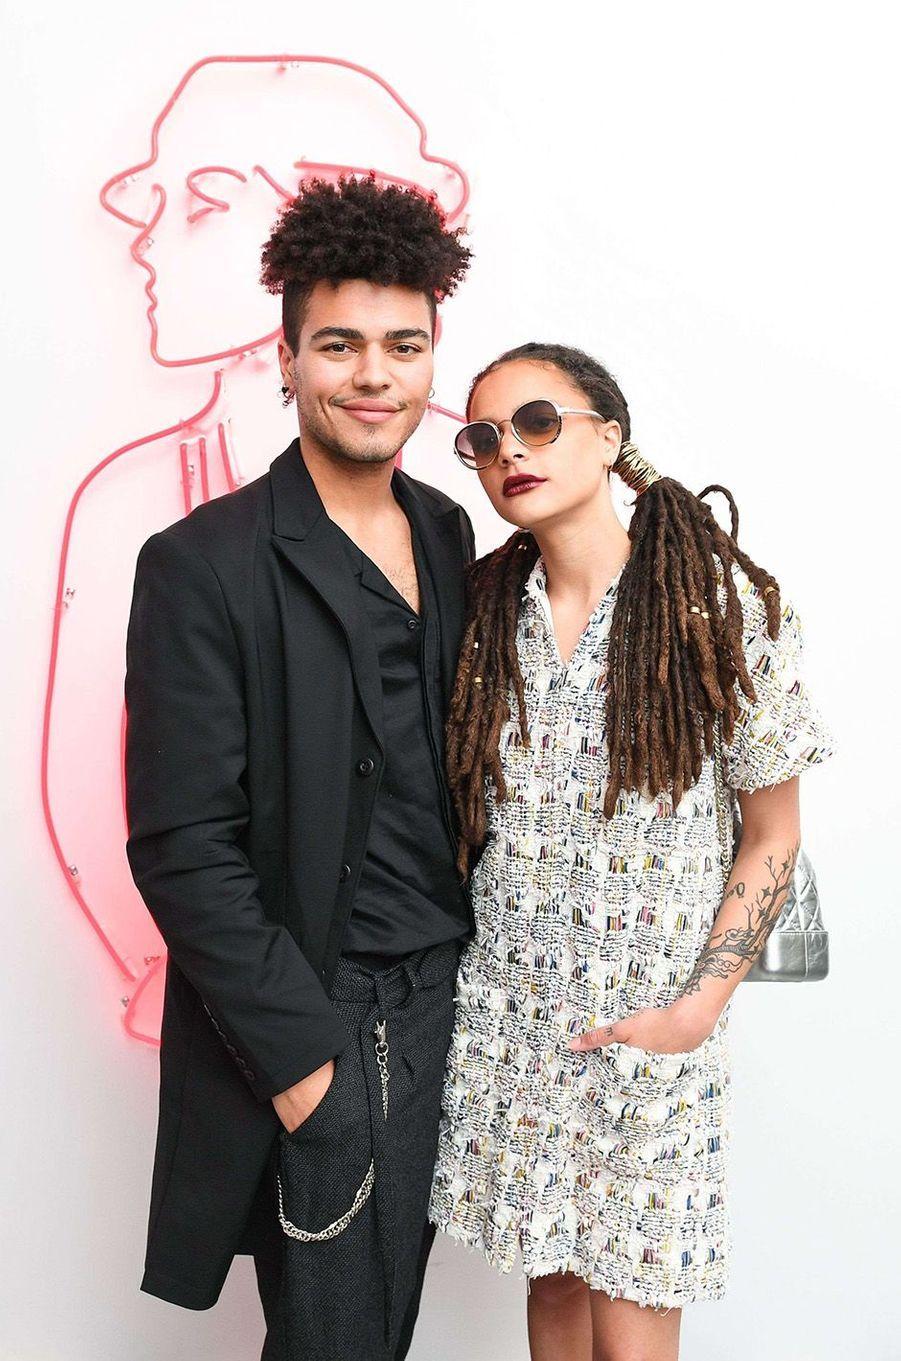 Sergio Darcy Lane et Sasha Lane à la soirée Chanel House Beach Party, à Los Angeles, le 28 février 2018.